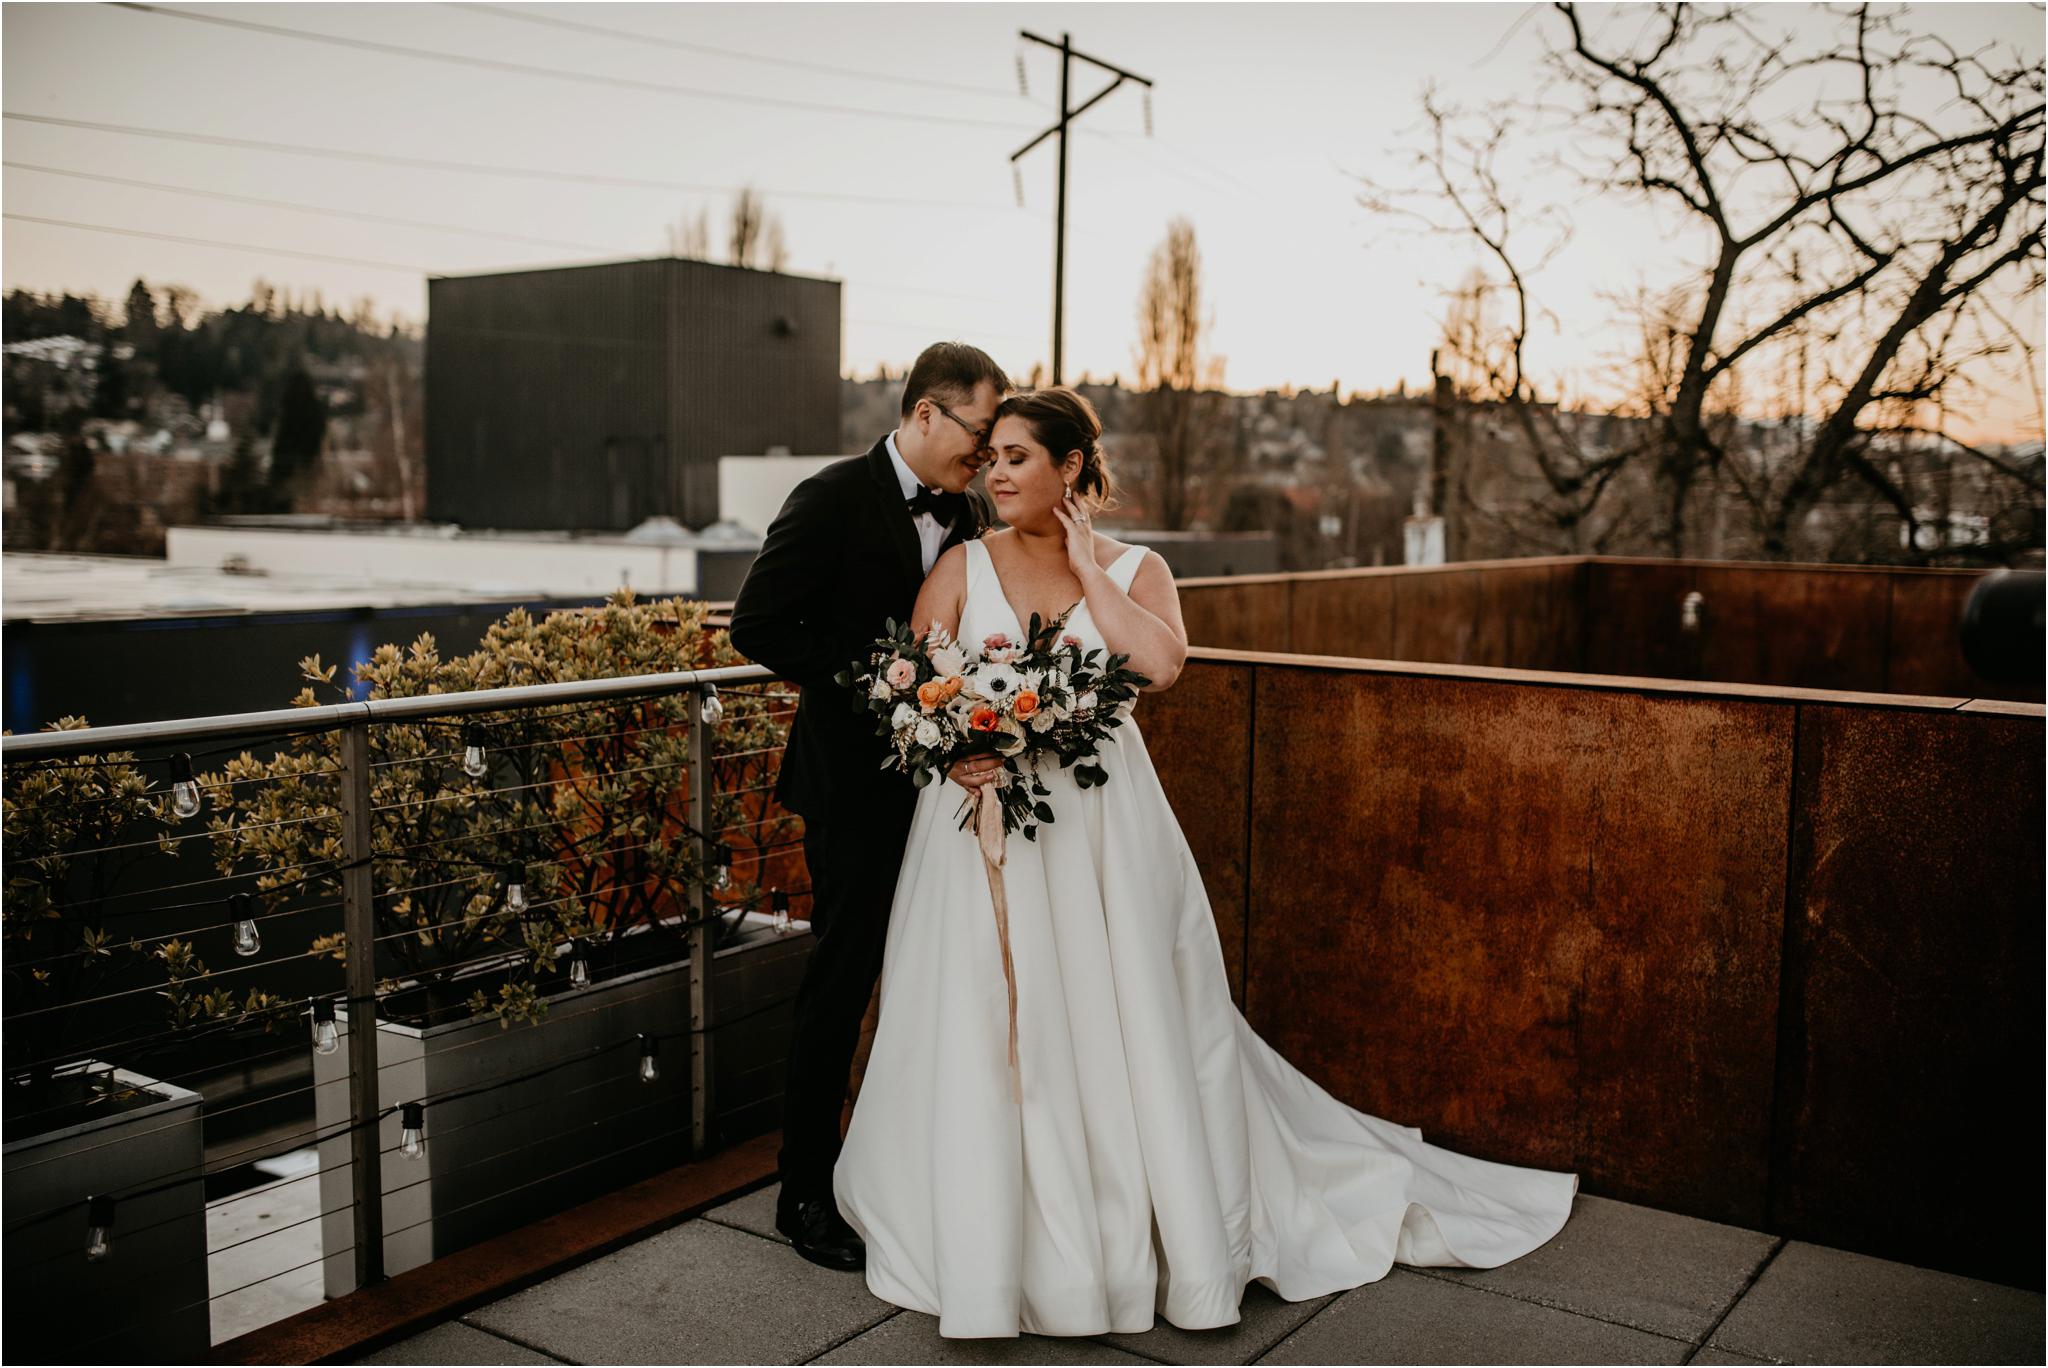 ashley-and-david-fremont-foundry-seattle-washington-wedding-photographer-101.jpg